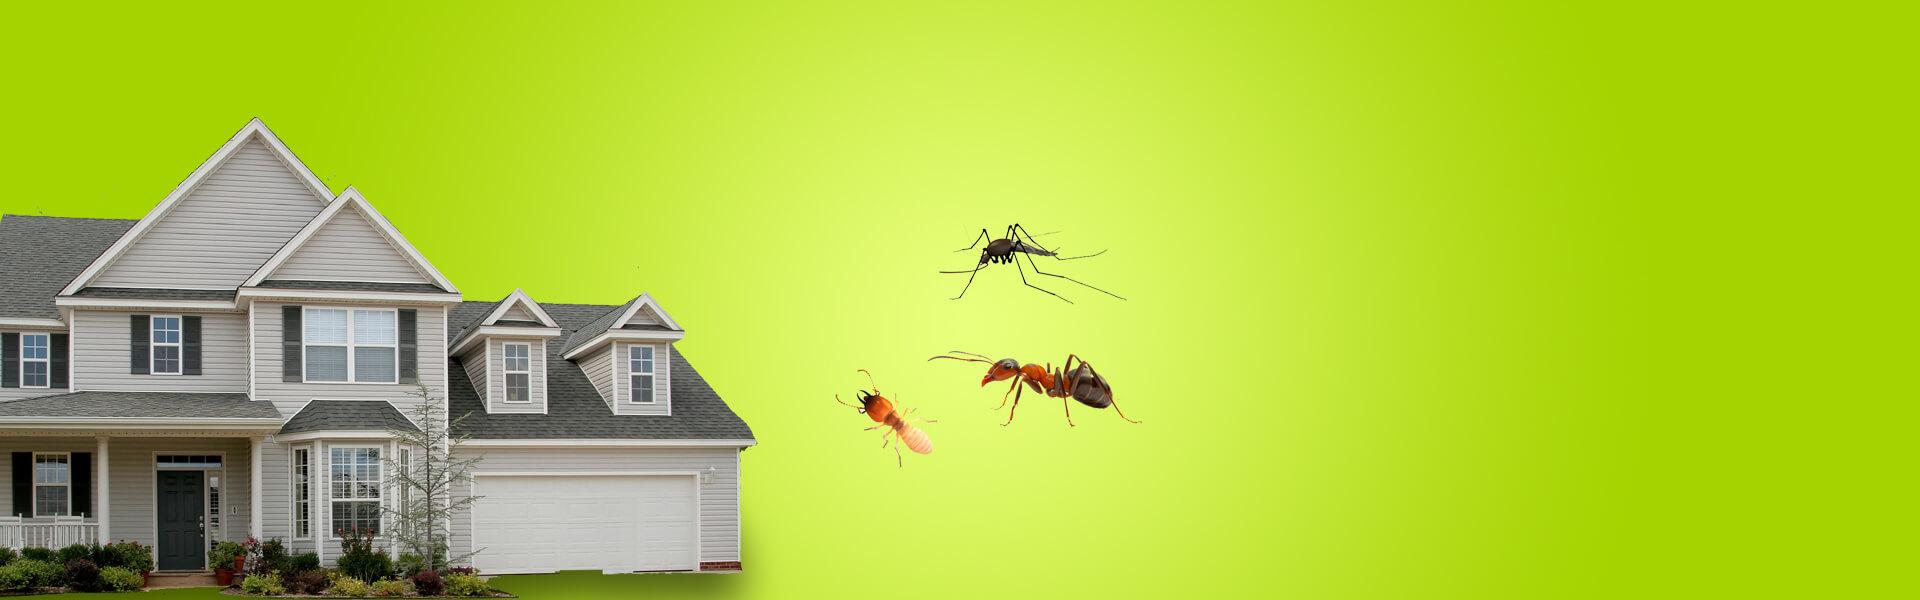 Pest ControlServices inDetroit